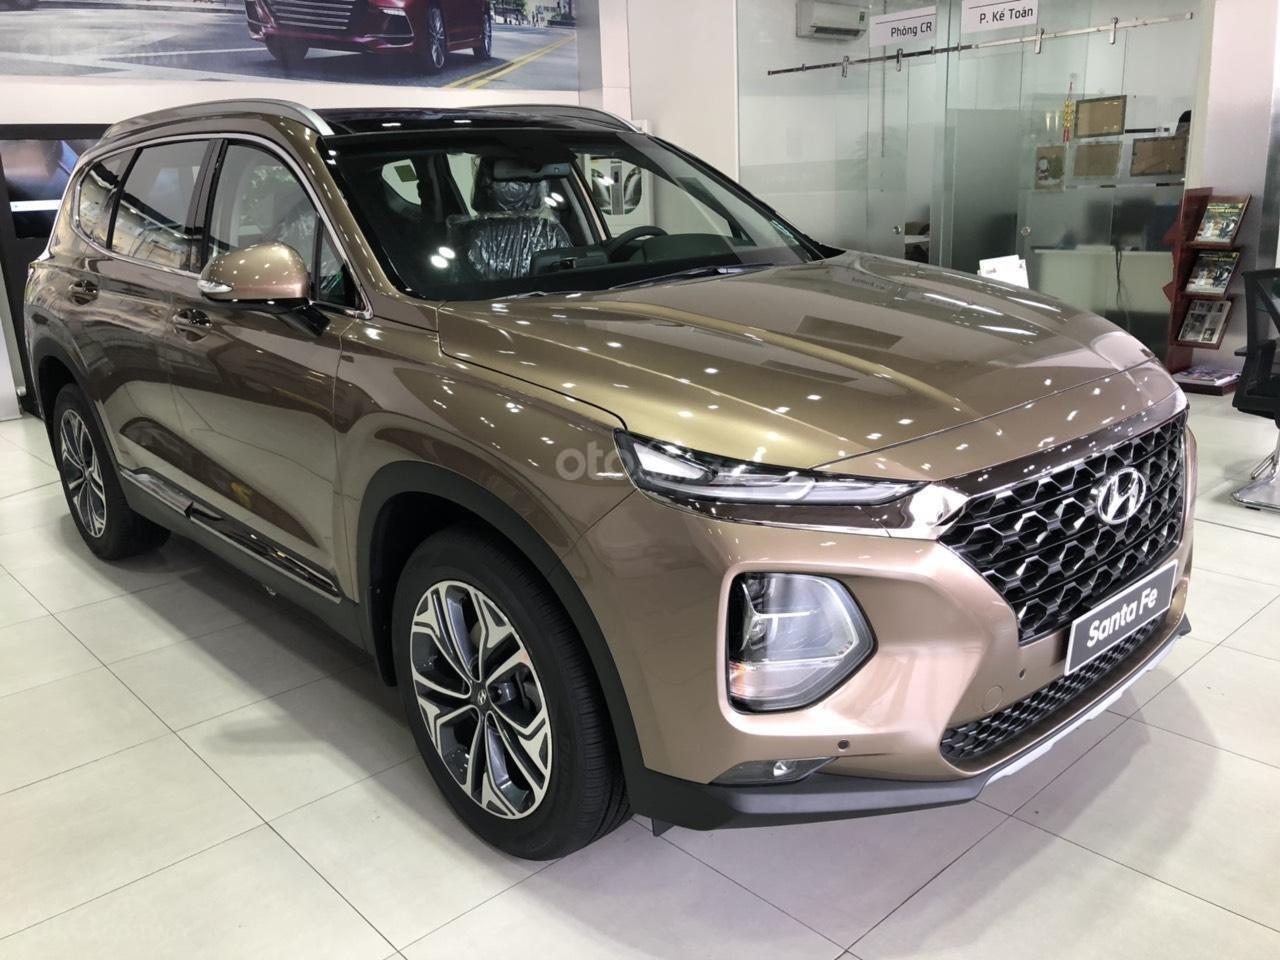 Hyundai Ngọc An bán Hyundai Santa Fe giá tốt, góp 90%, xe đủ màu giao ngay, tặng tiền mặt phụ kiện giá tốt nhất miền Nam (9)